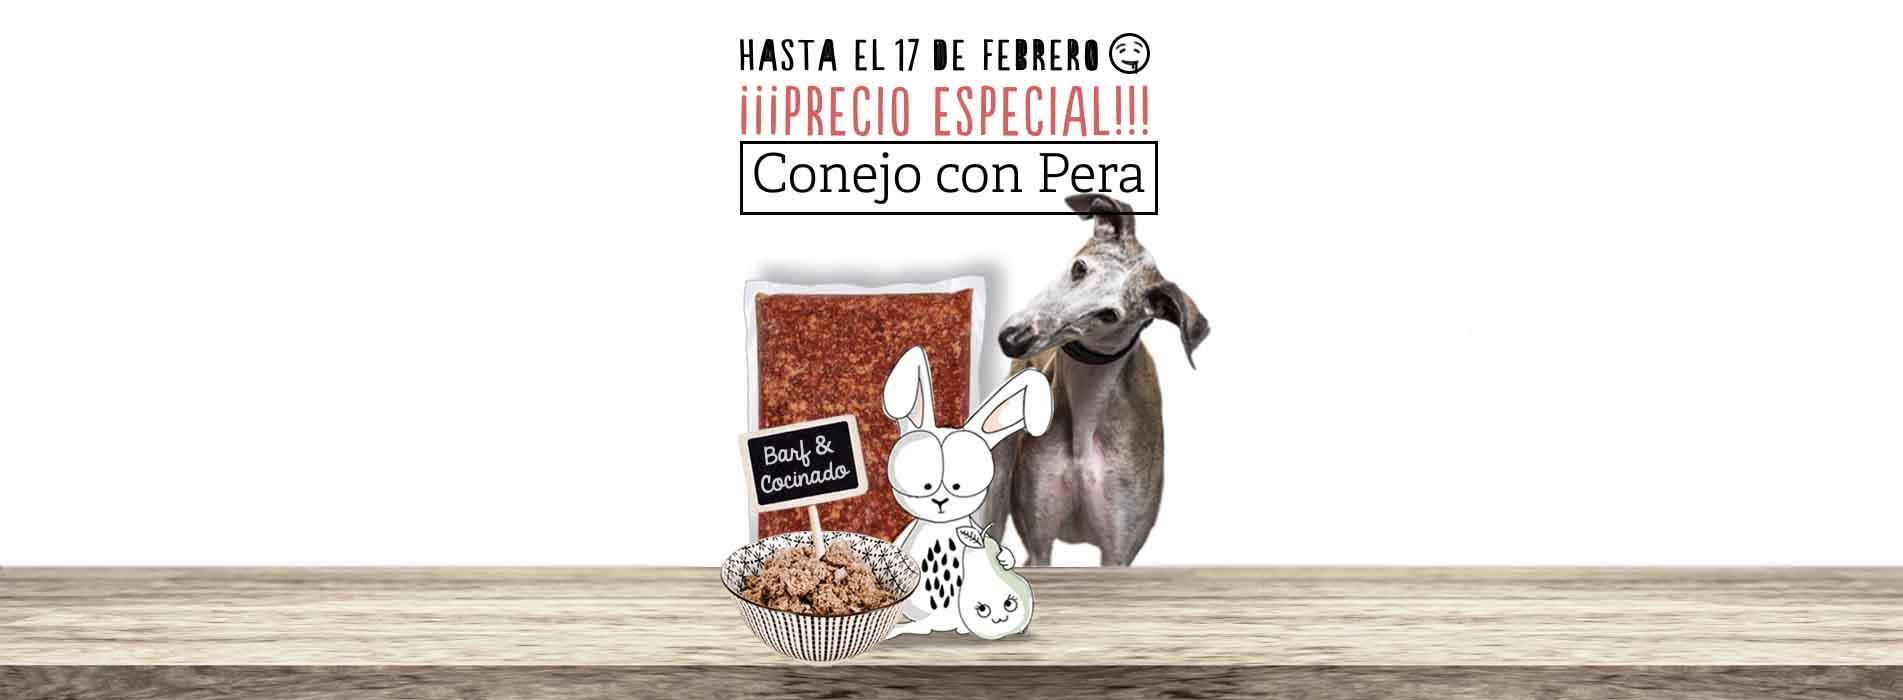 heather-conejo-con-pera-7-febrero-mob-1-